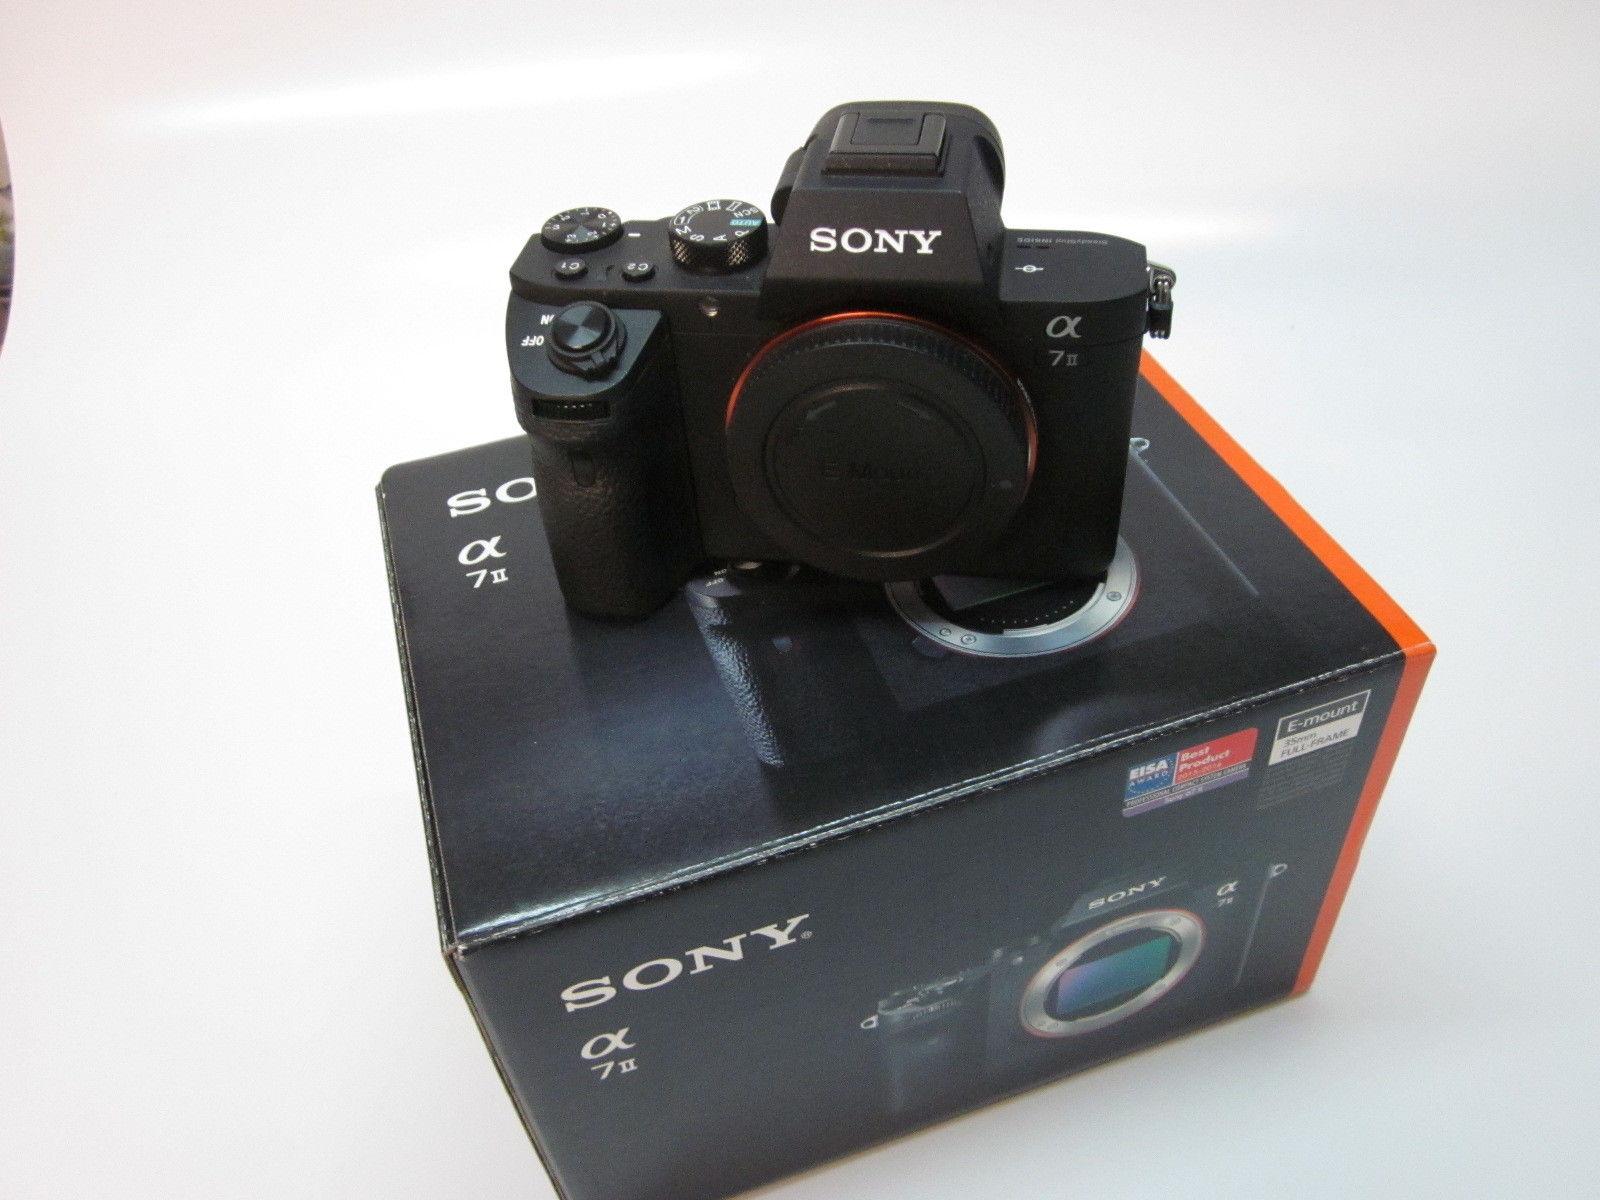 Sony Alpha ILCE-7M2 24.3 MP Digitalkamera - Schwarz (Nur Gehäuse)